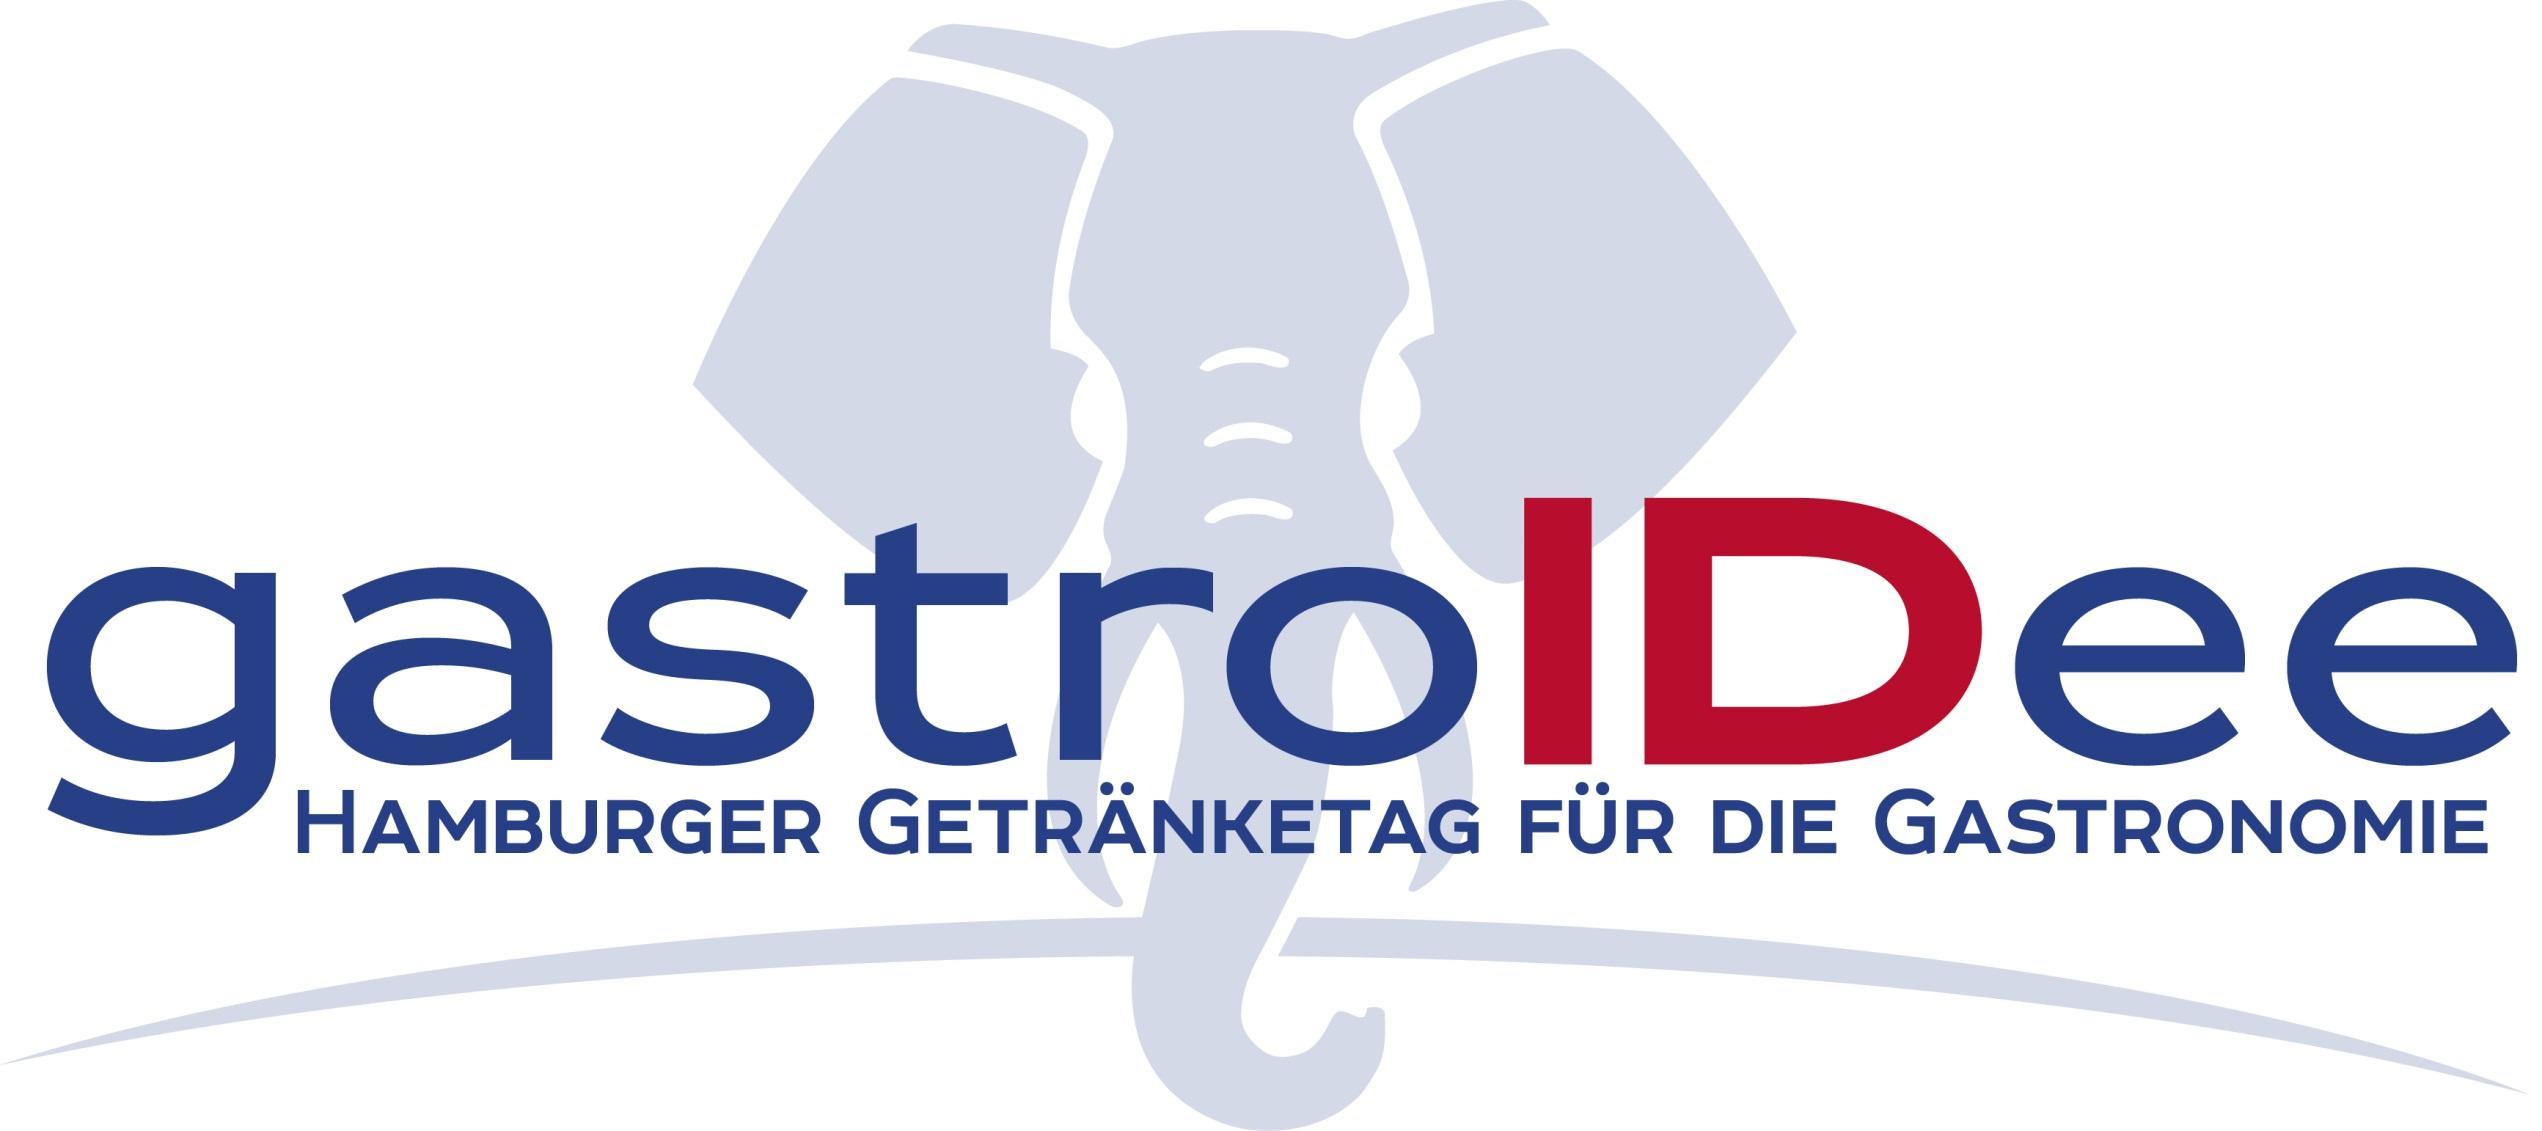 GastroIDee 2016 am 01.09.2016 in Hamburg am 01.09.2016 ...